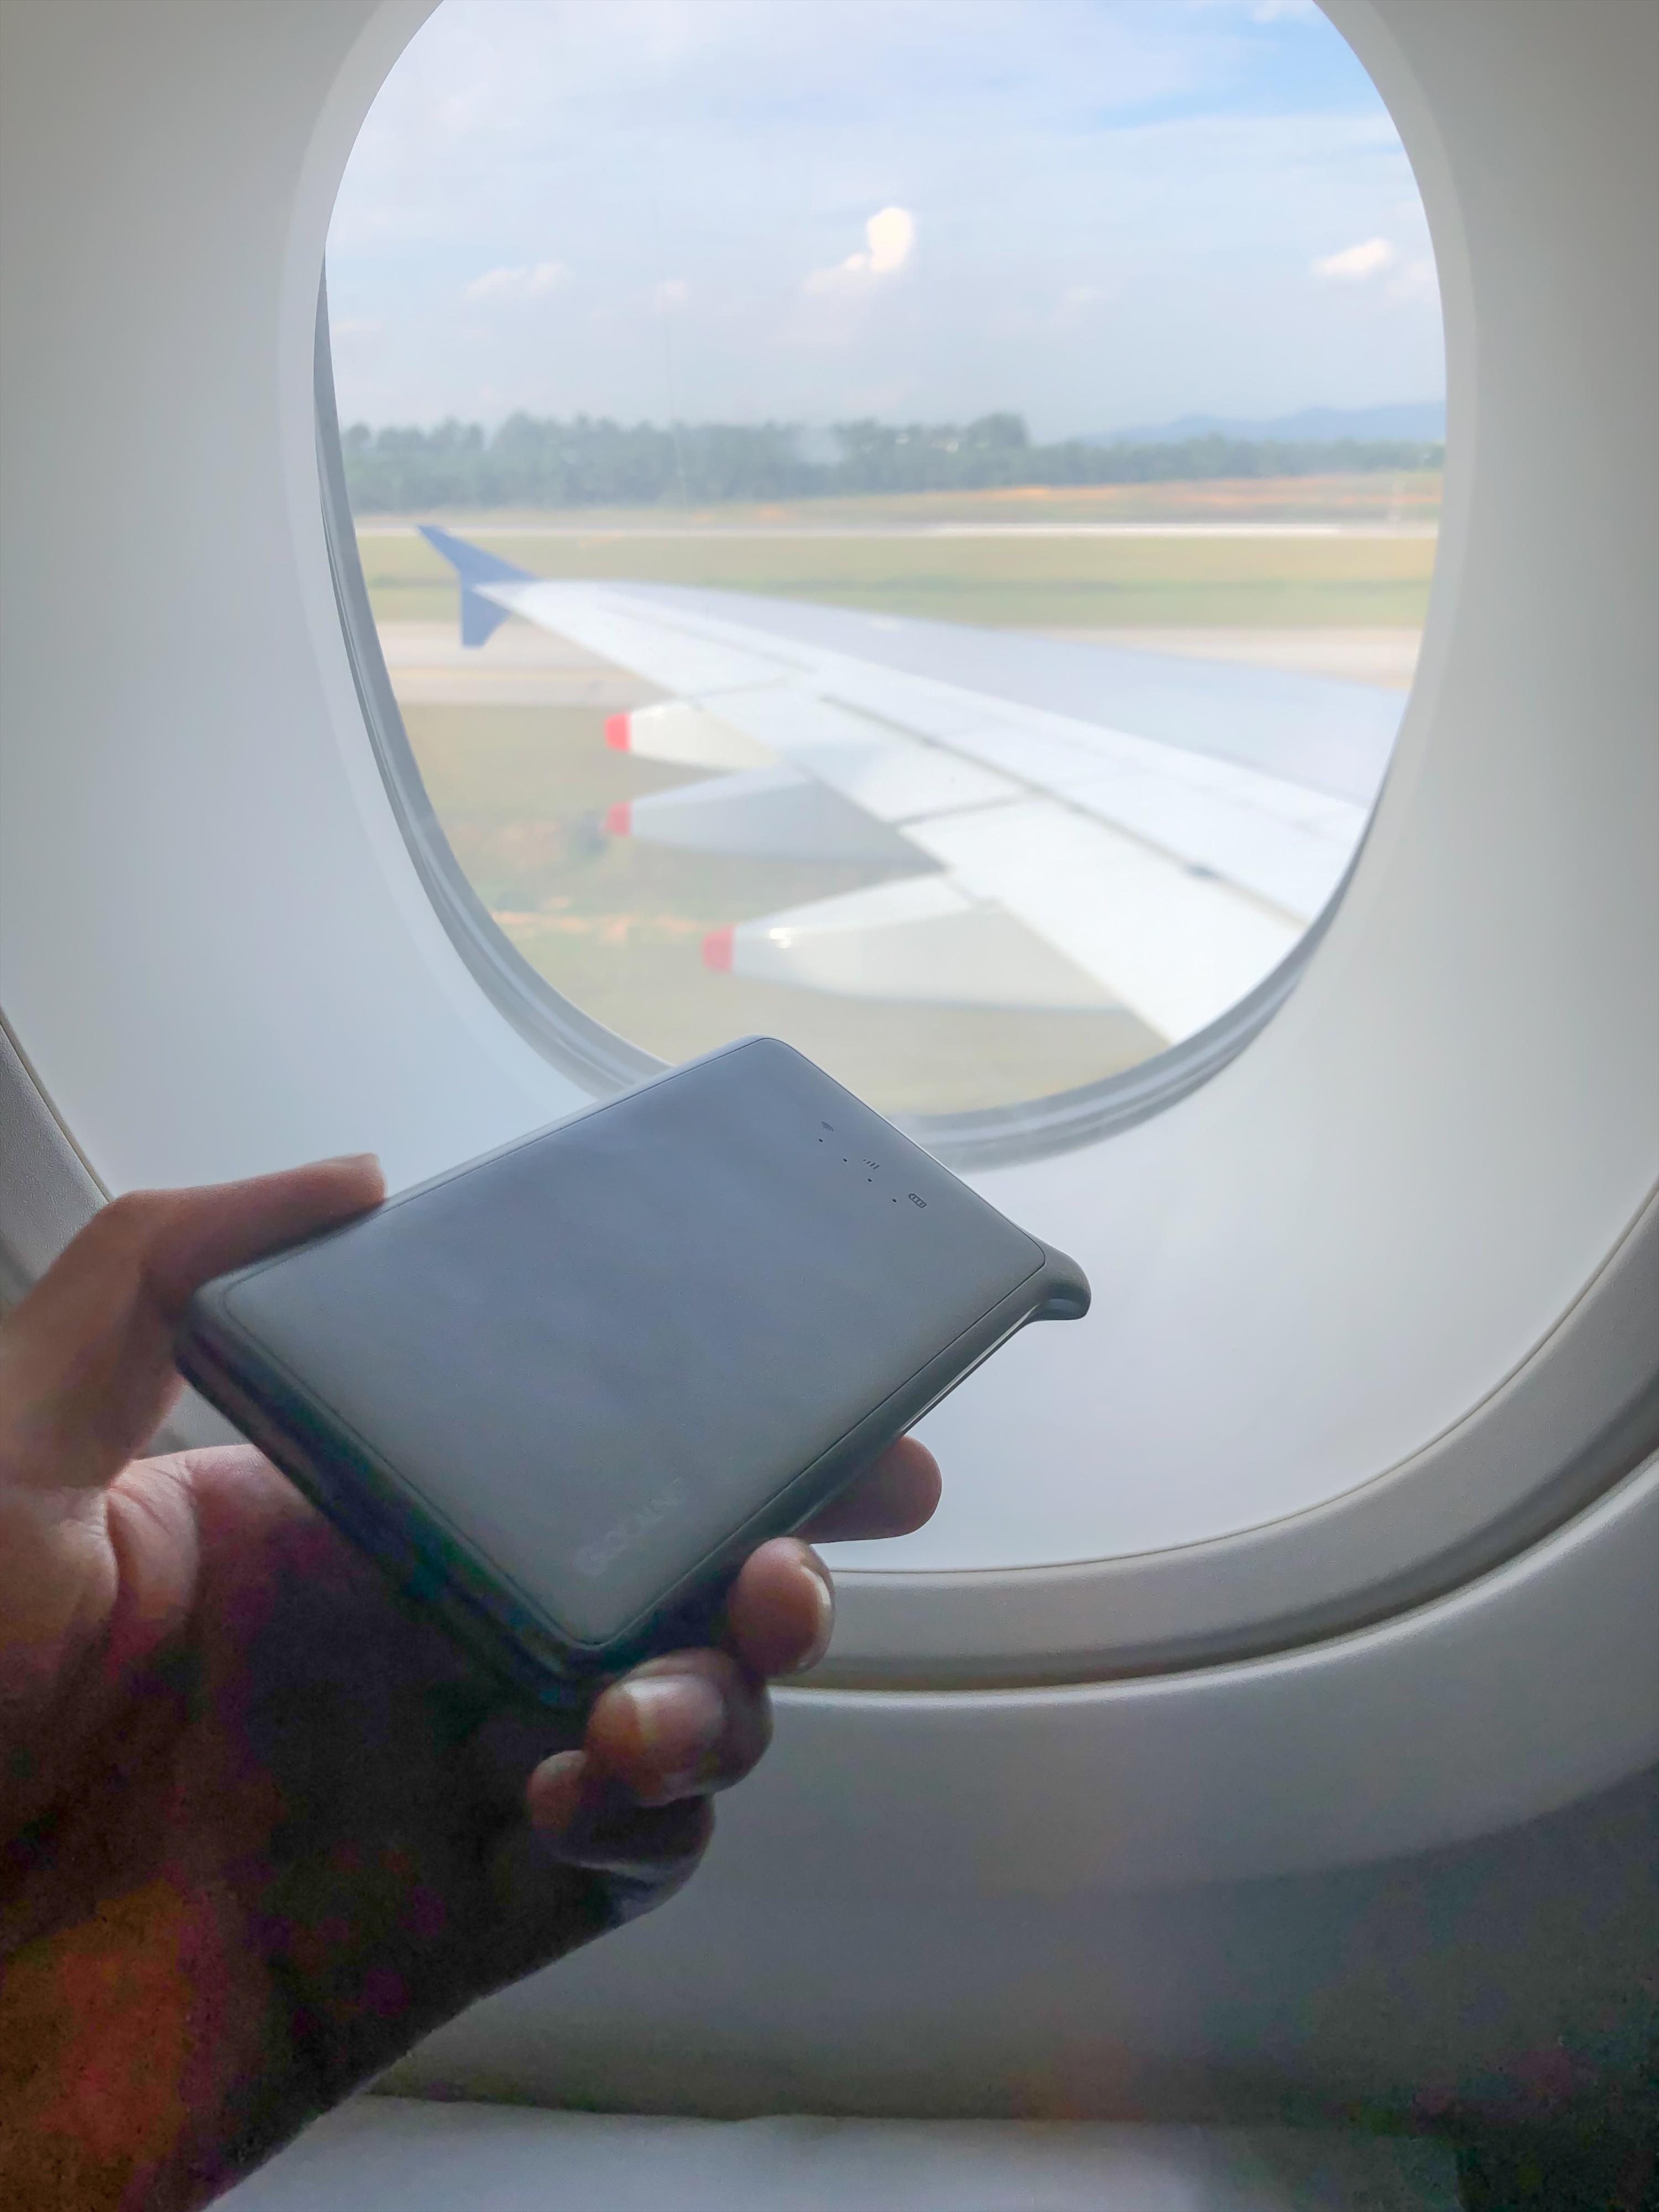 クアラルンプール国際空港でのどんなときもWiFi端末